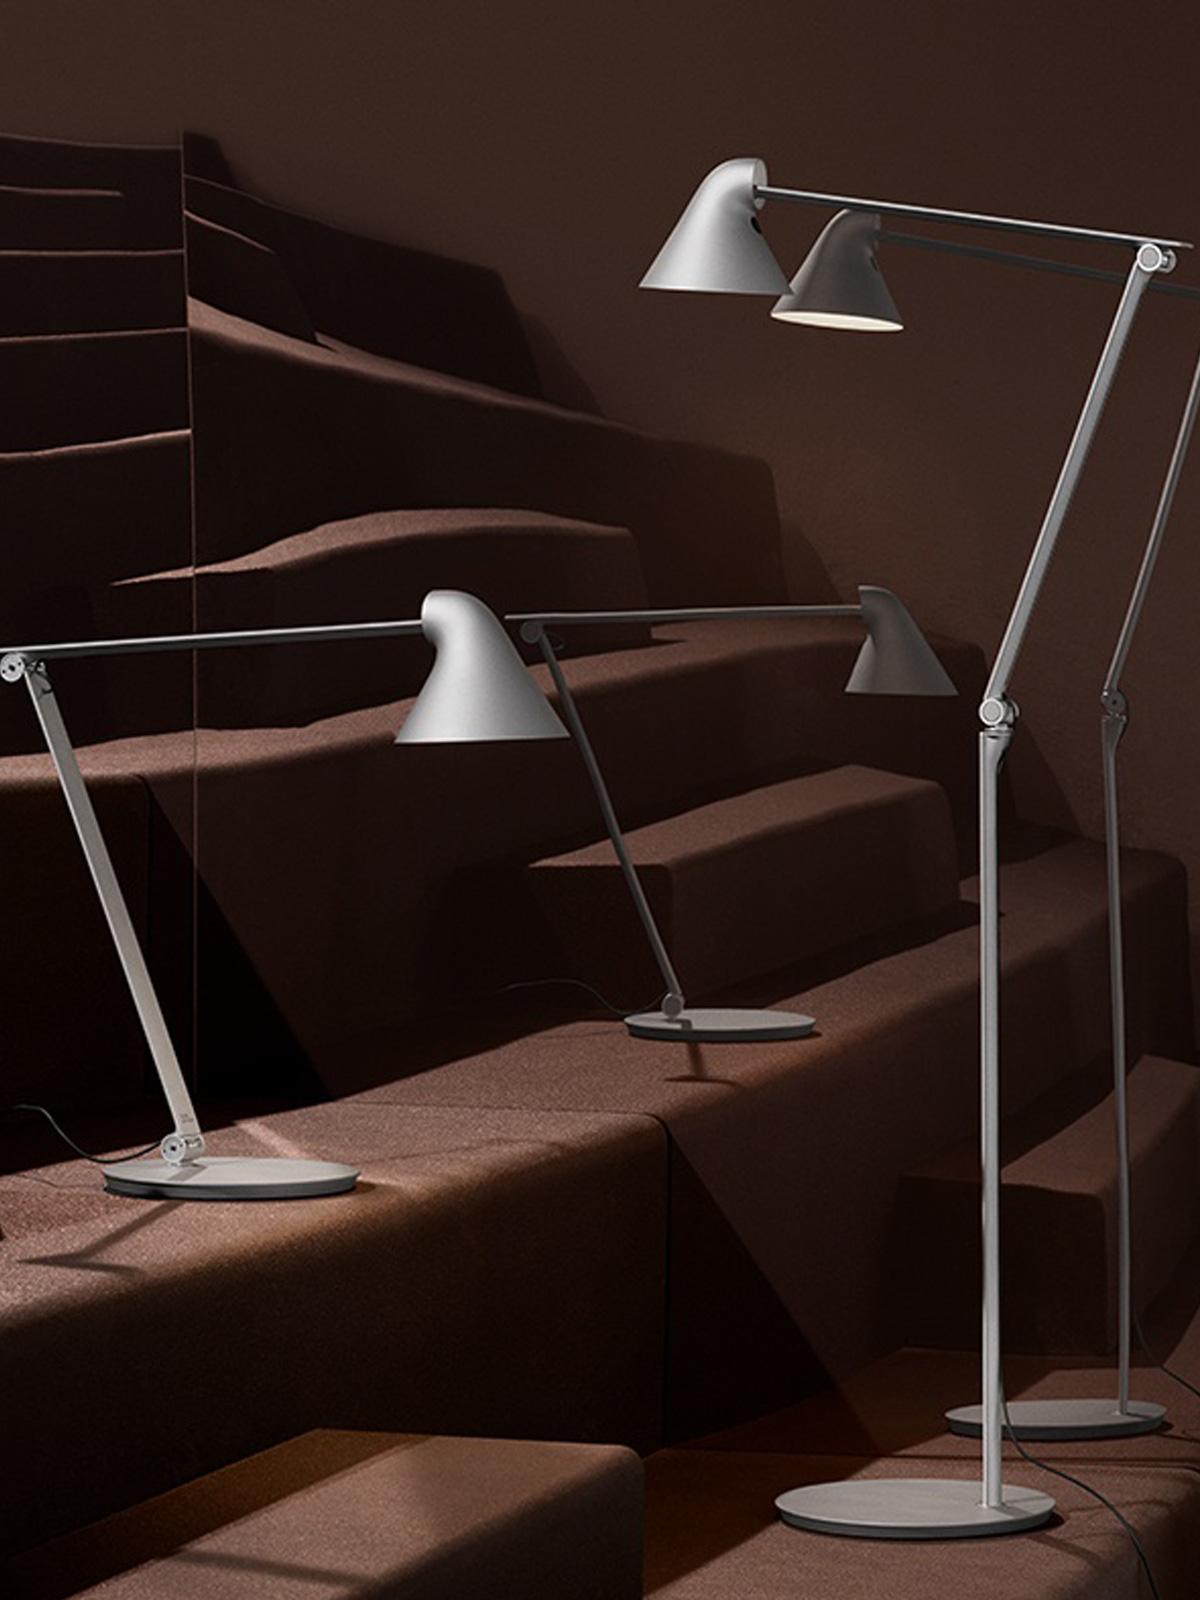 Tischleuchte Stehlampe NJP in grau